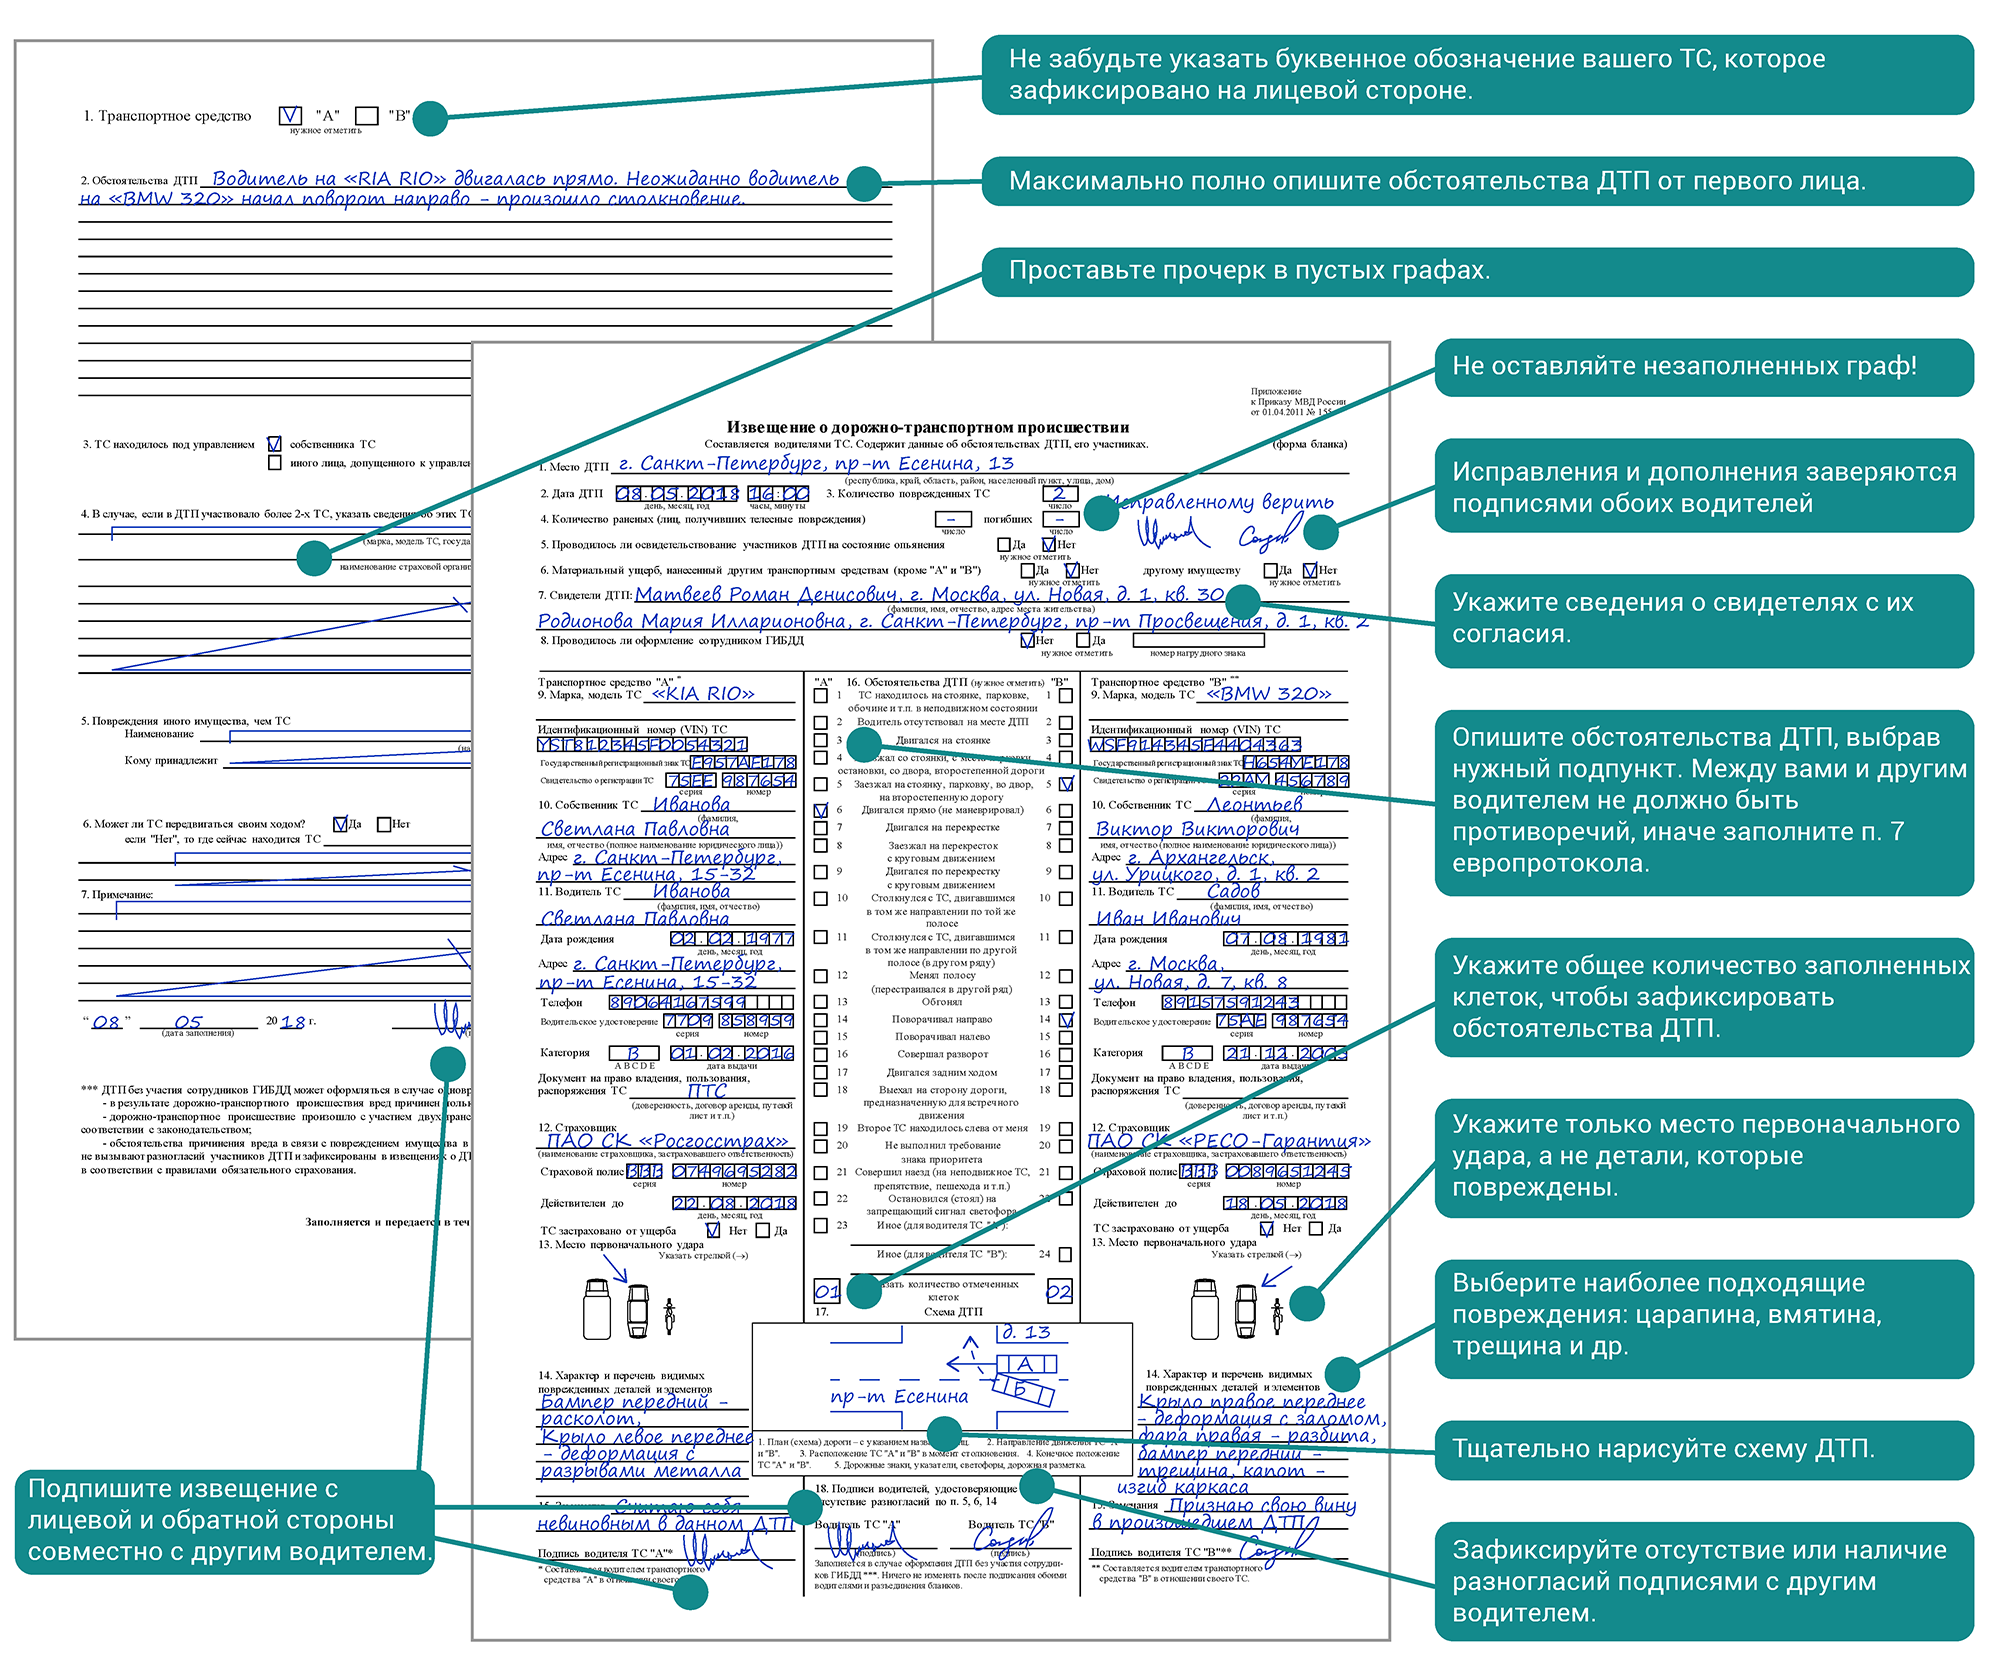 Как составлять европротокол при дтп правильно - образец и правила